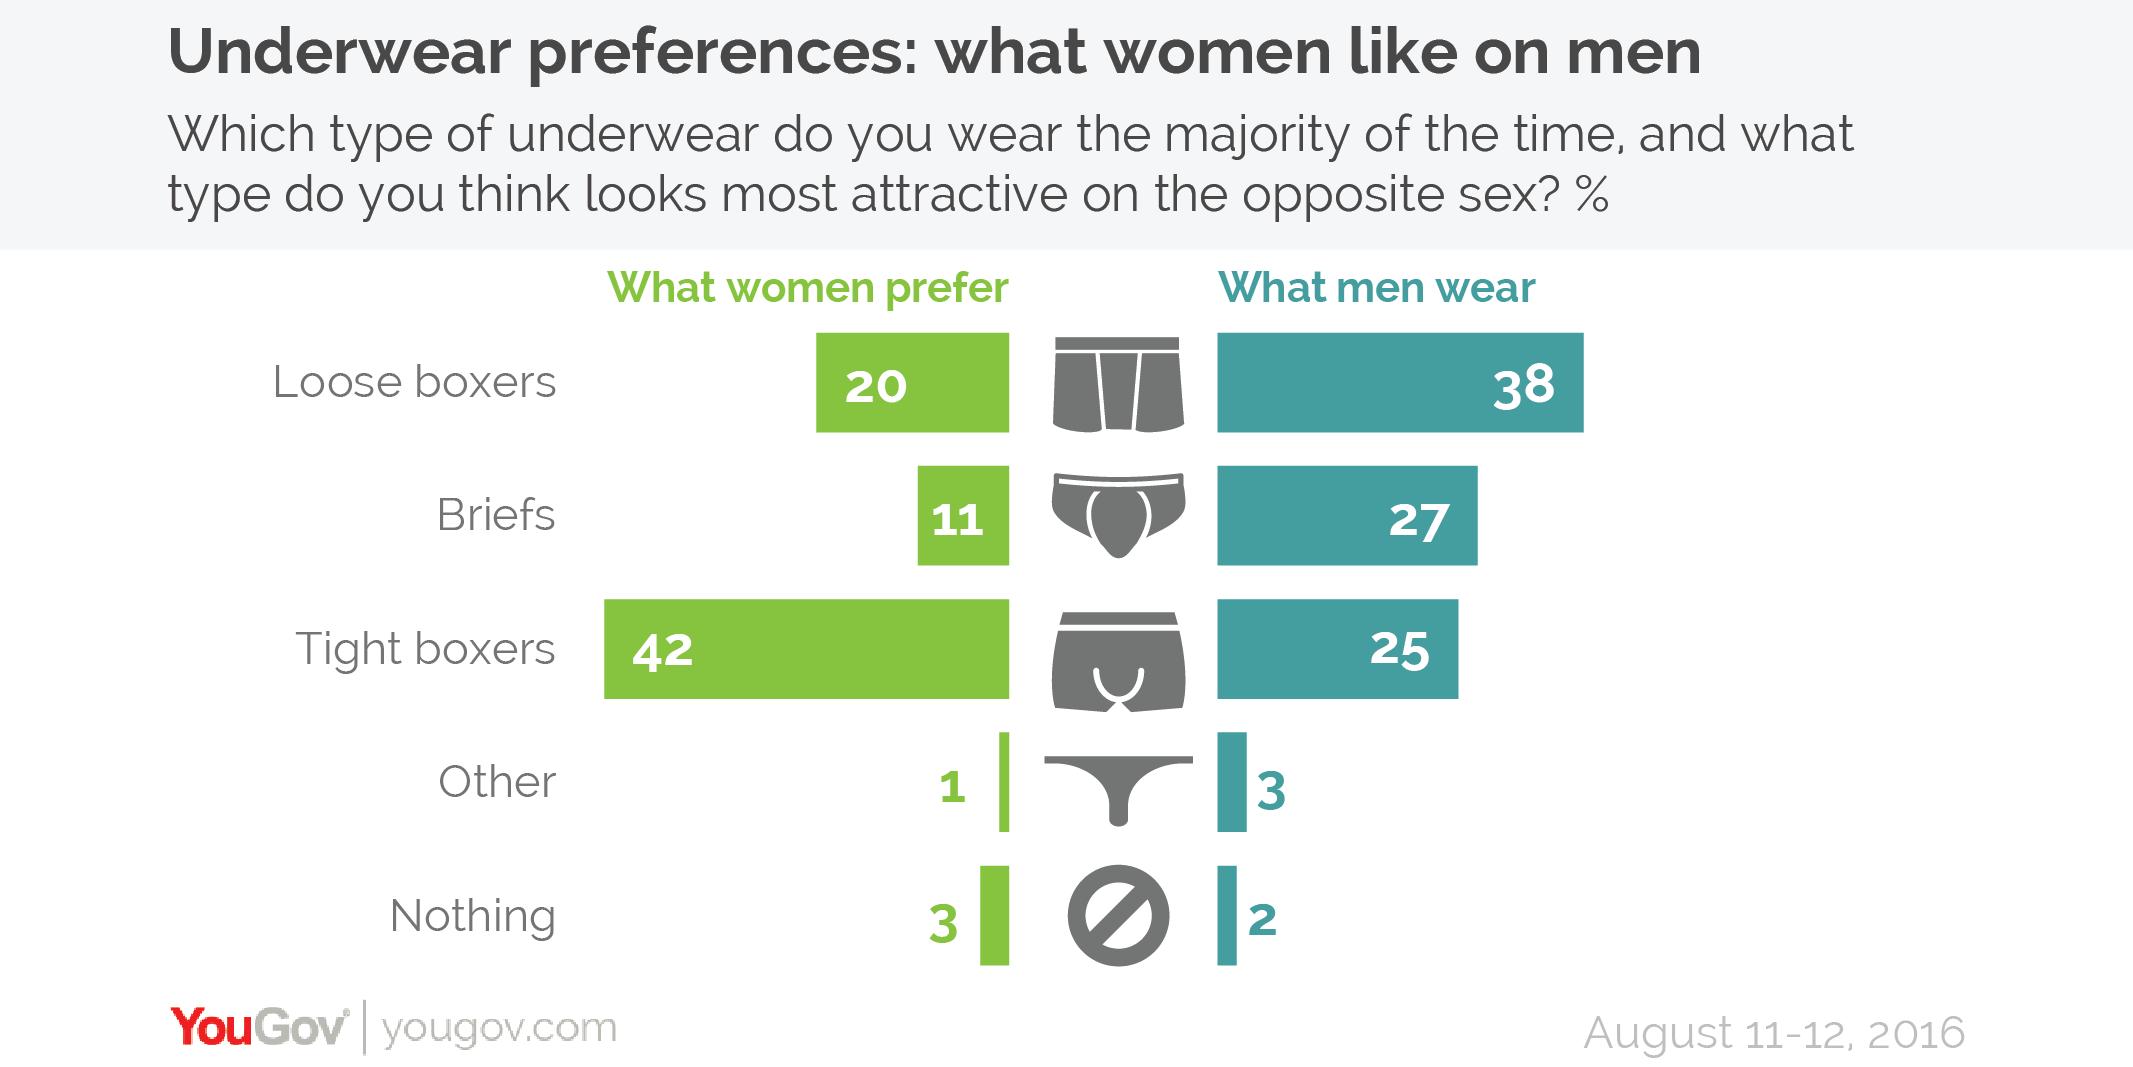 Why do men wear underwear?